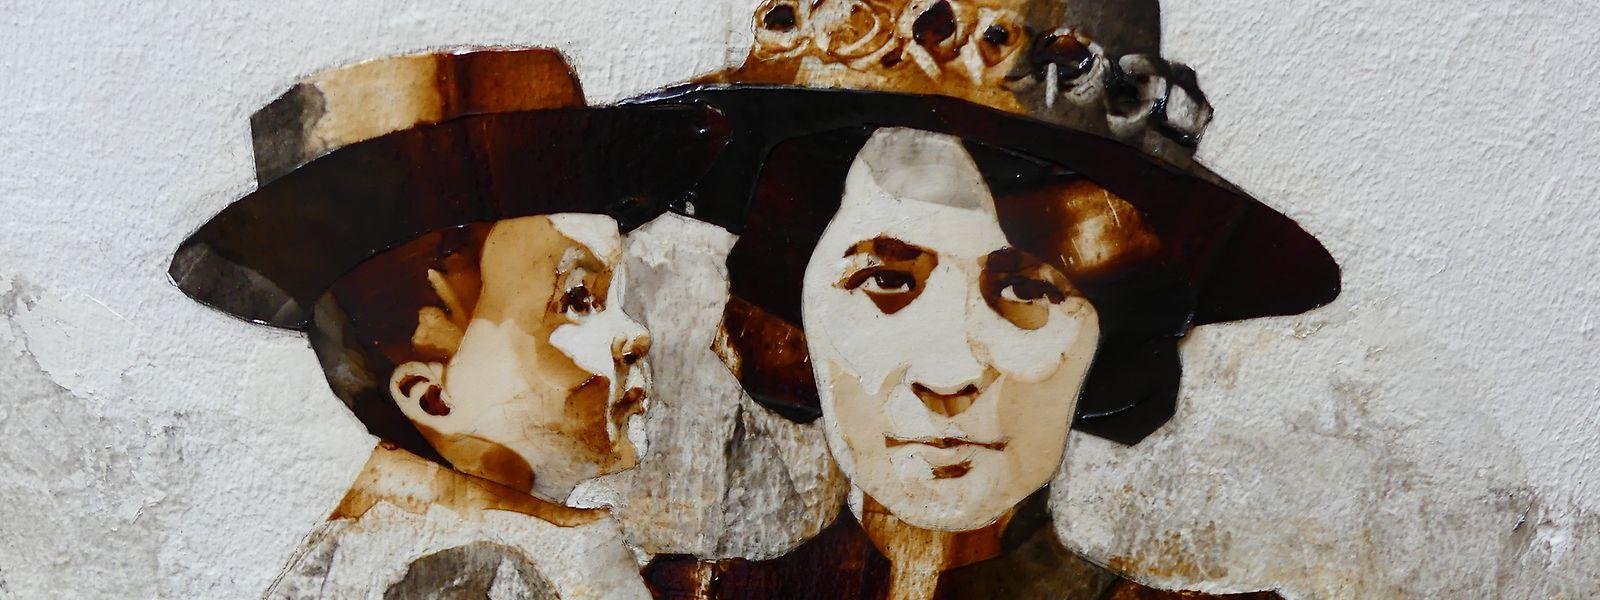 Kunst aus Kaffee: Die Wandgemälde mit Straßenszenen aus 1900 befinden sich in der Ruelle du Lapin Vert, der Gasse zum Grünen Hasen.